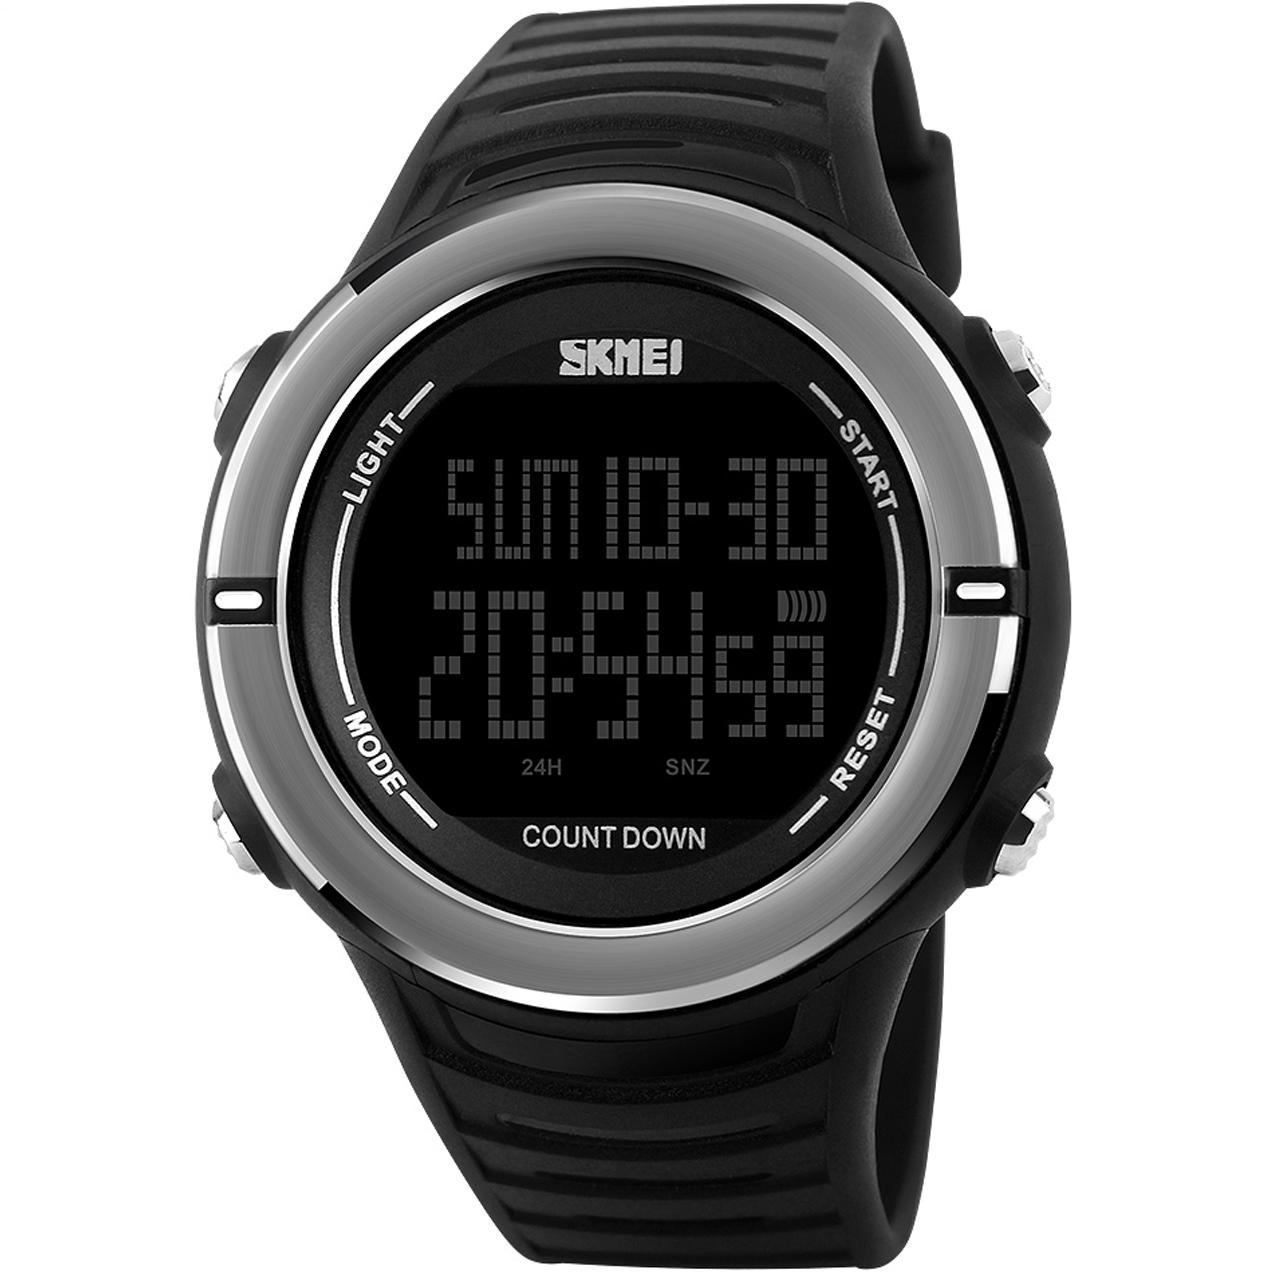 ساعت مچی دیجیتال مردانه اسکمی مدل 1209M 16